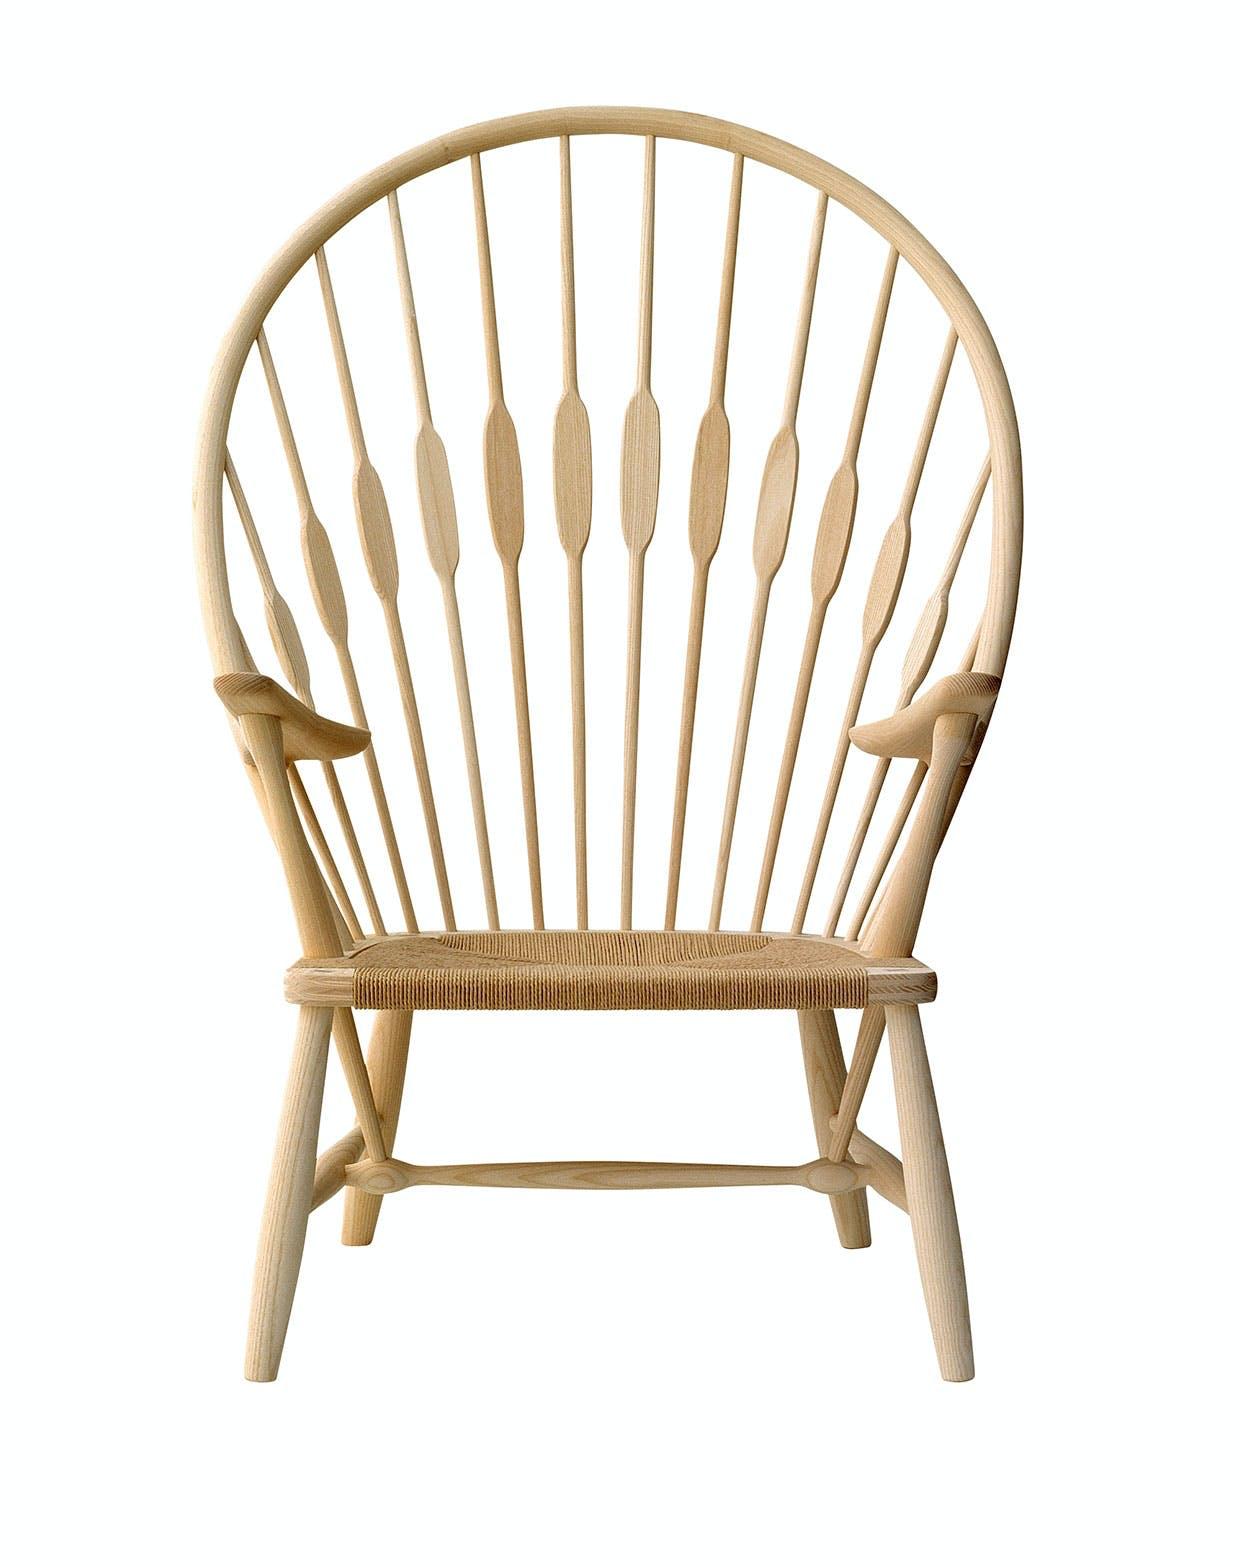 Påfuglestolen tegnet af Hans J. Wegner